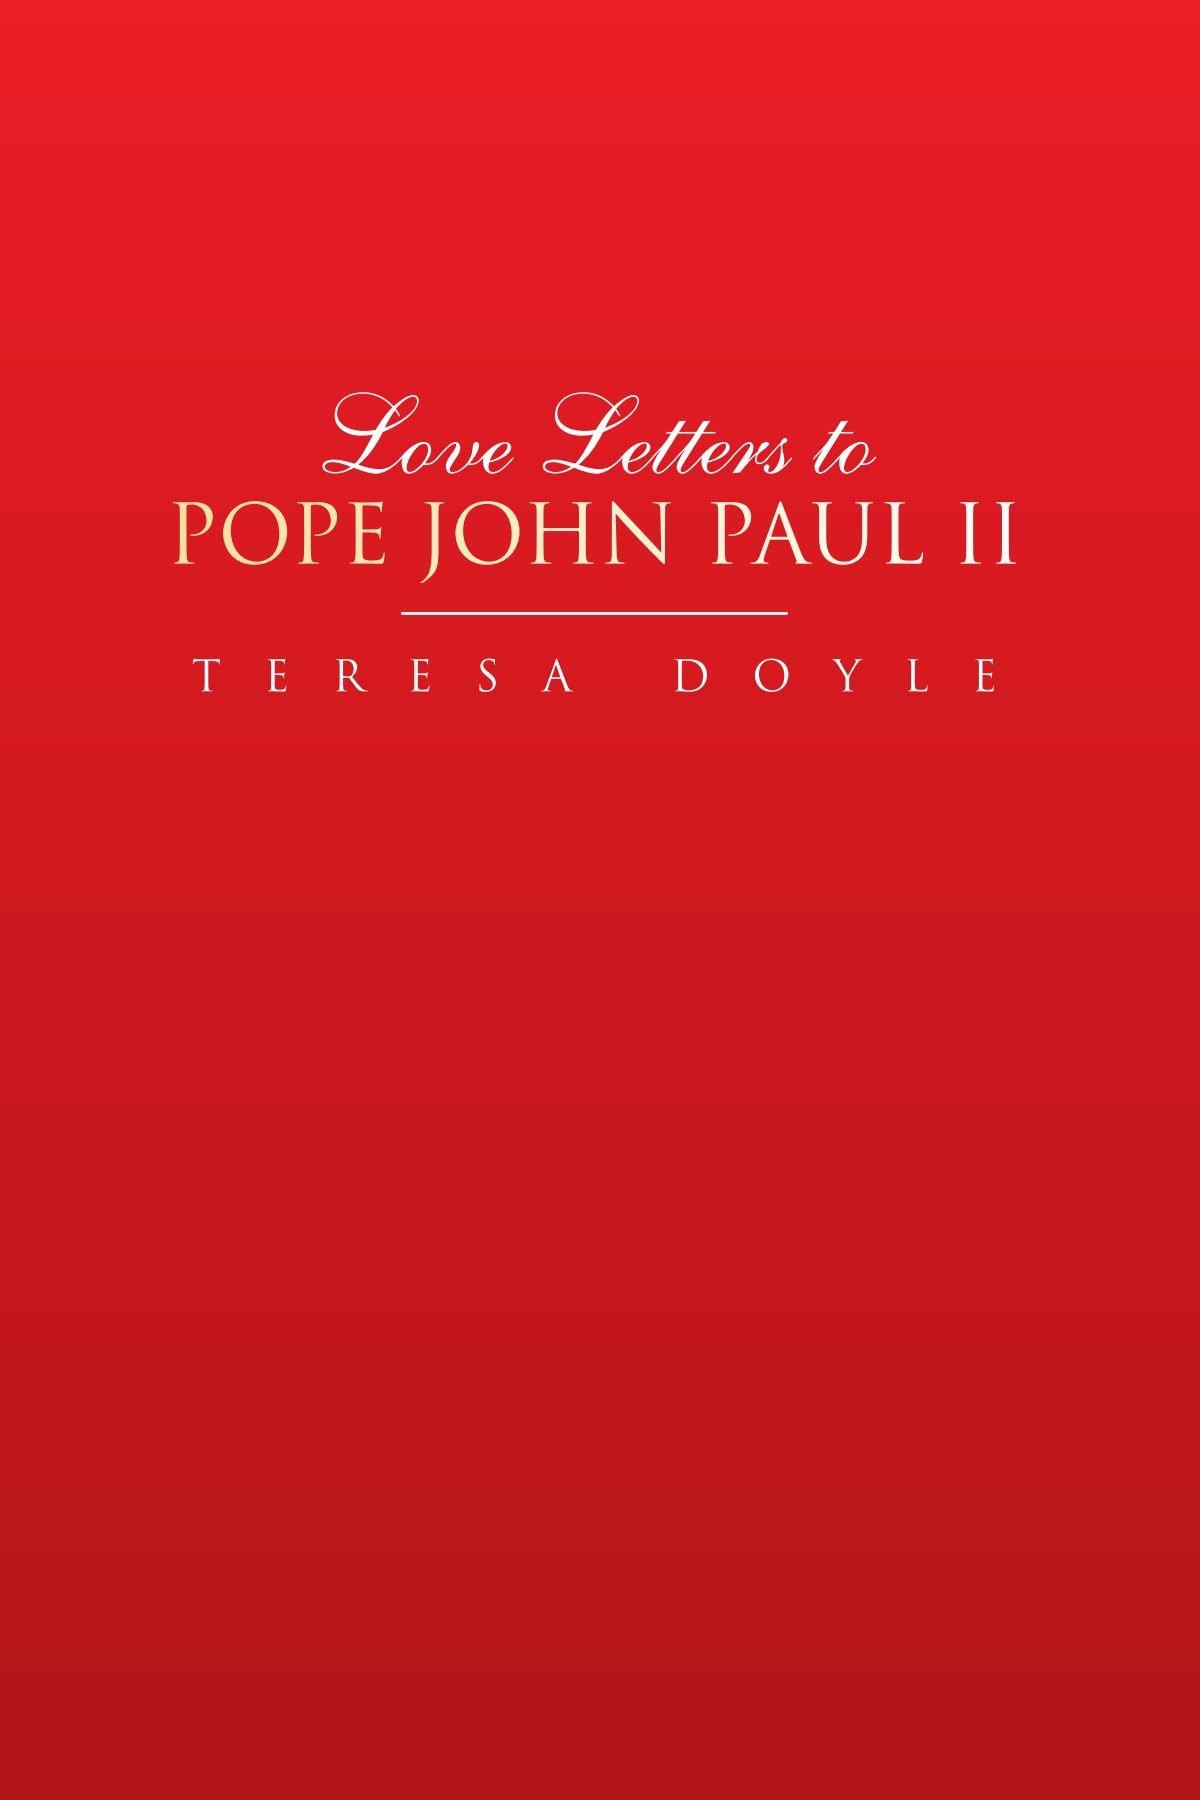 Love Letters to Pope John Paul II PDF